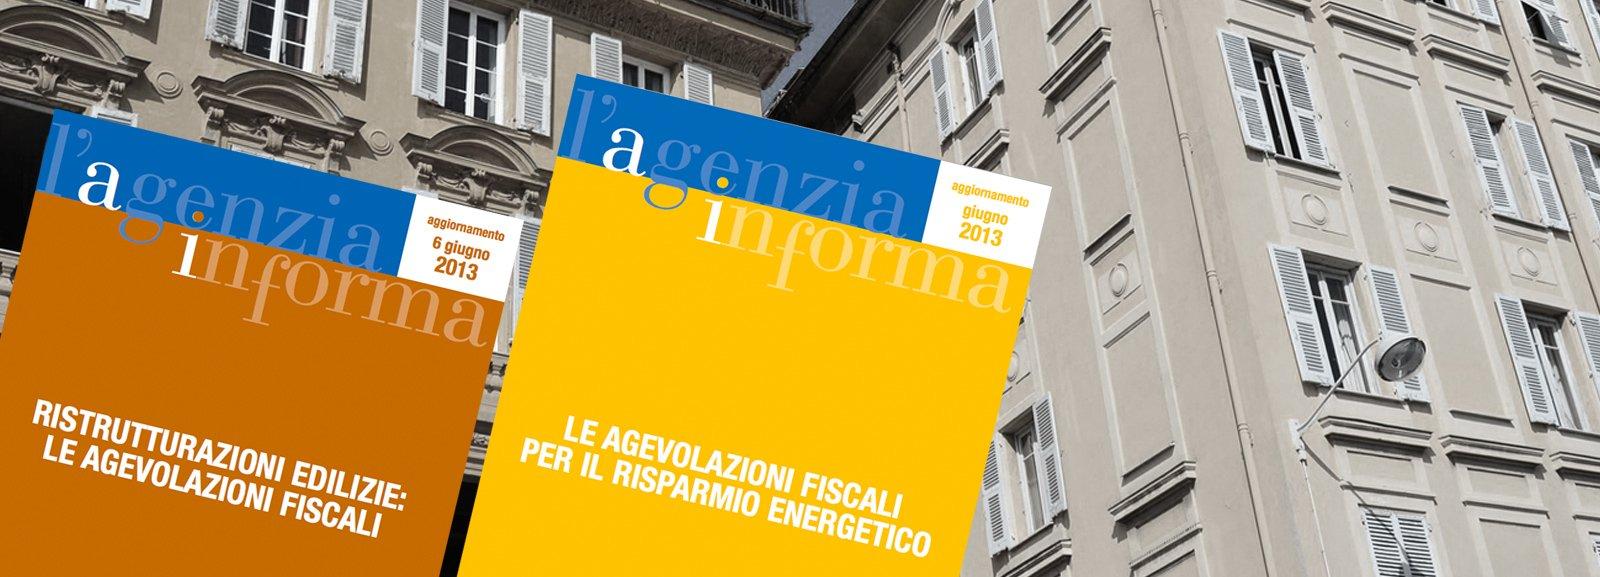 Agevolazioni fiscali 2013 le guide dell 39 agenzia delle - Agevolazioni fiscali acquisto cucina ...